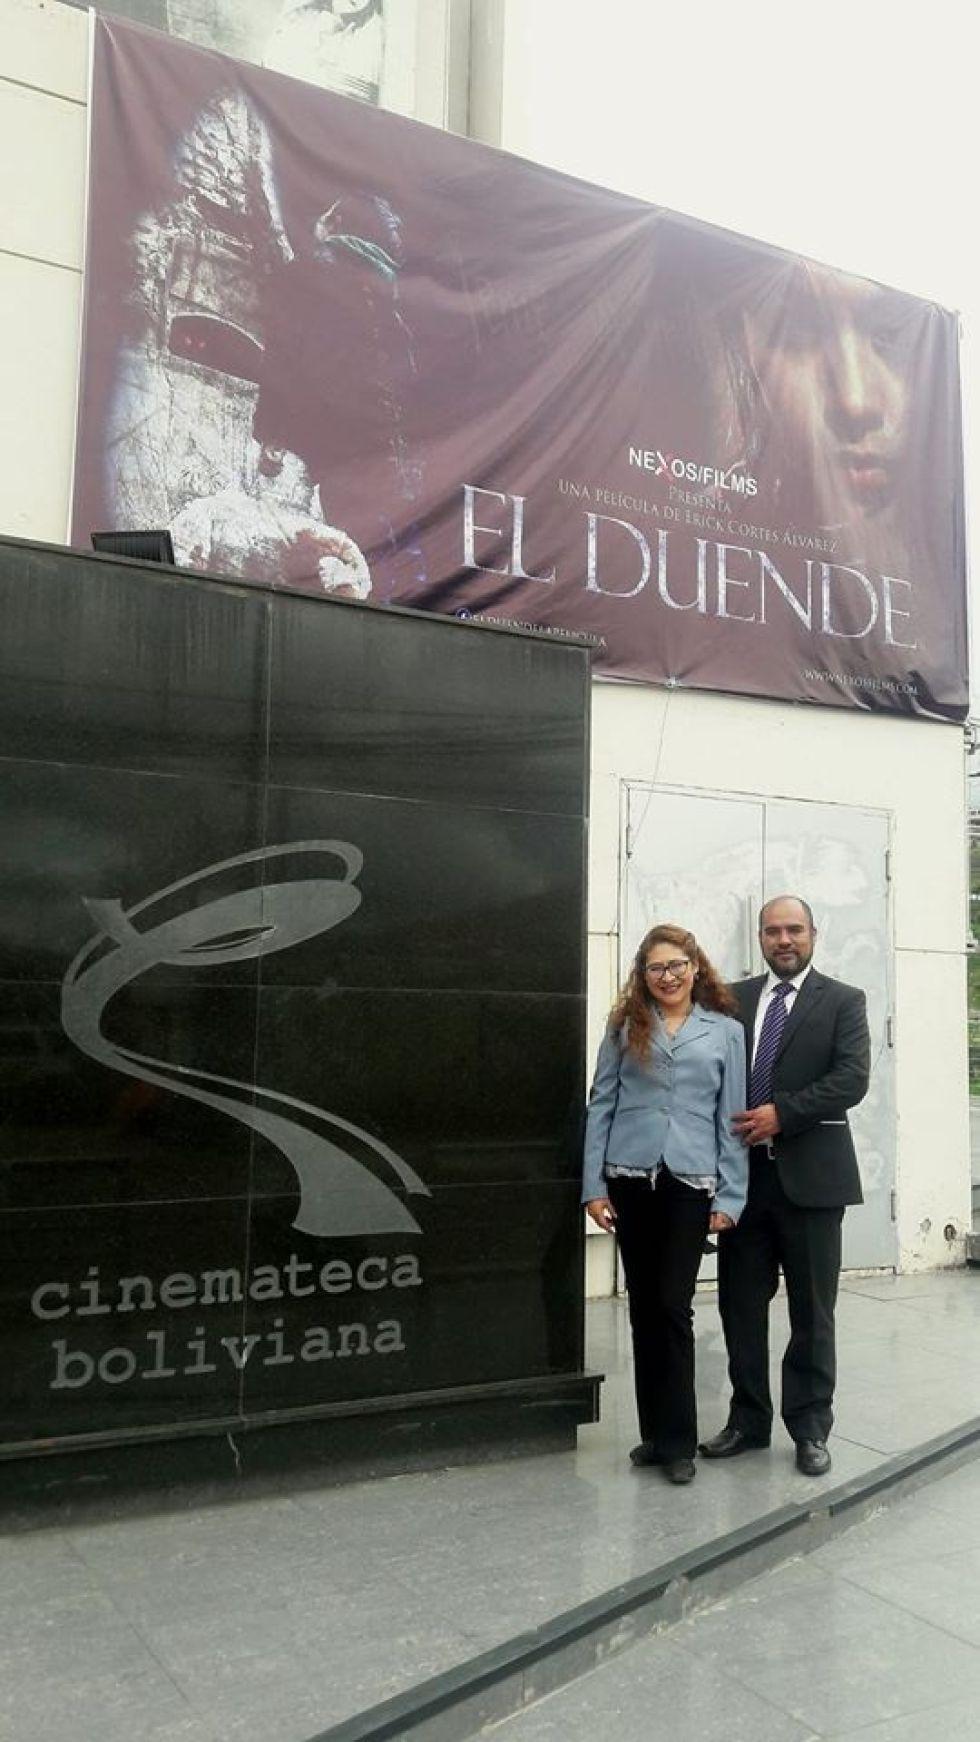 Mónica Chacón y Erick Cortéz, de la productora Nexos Films